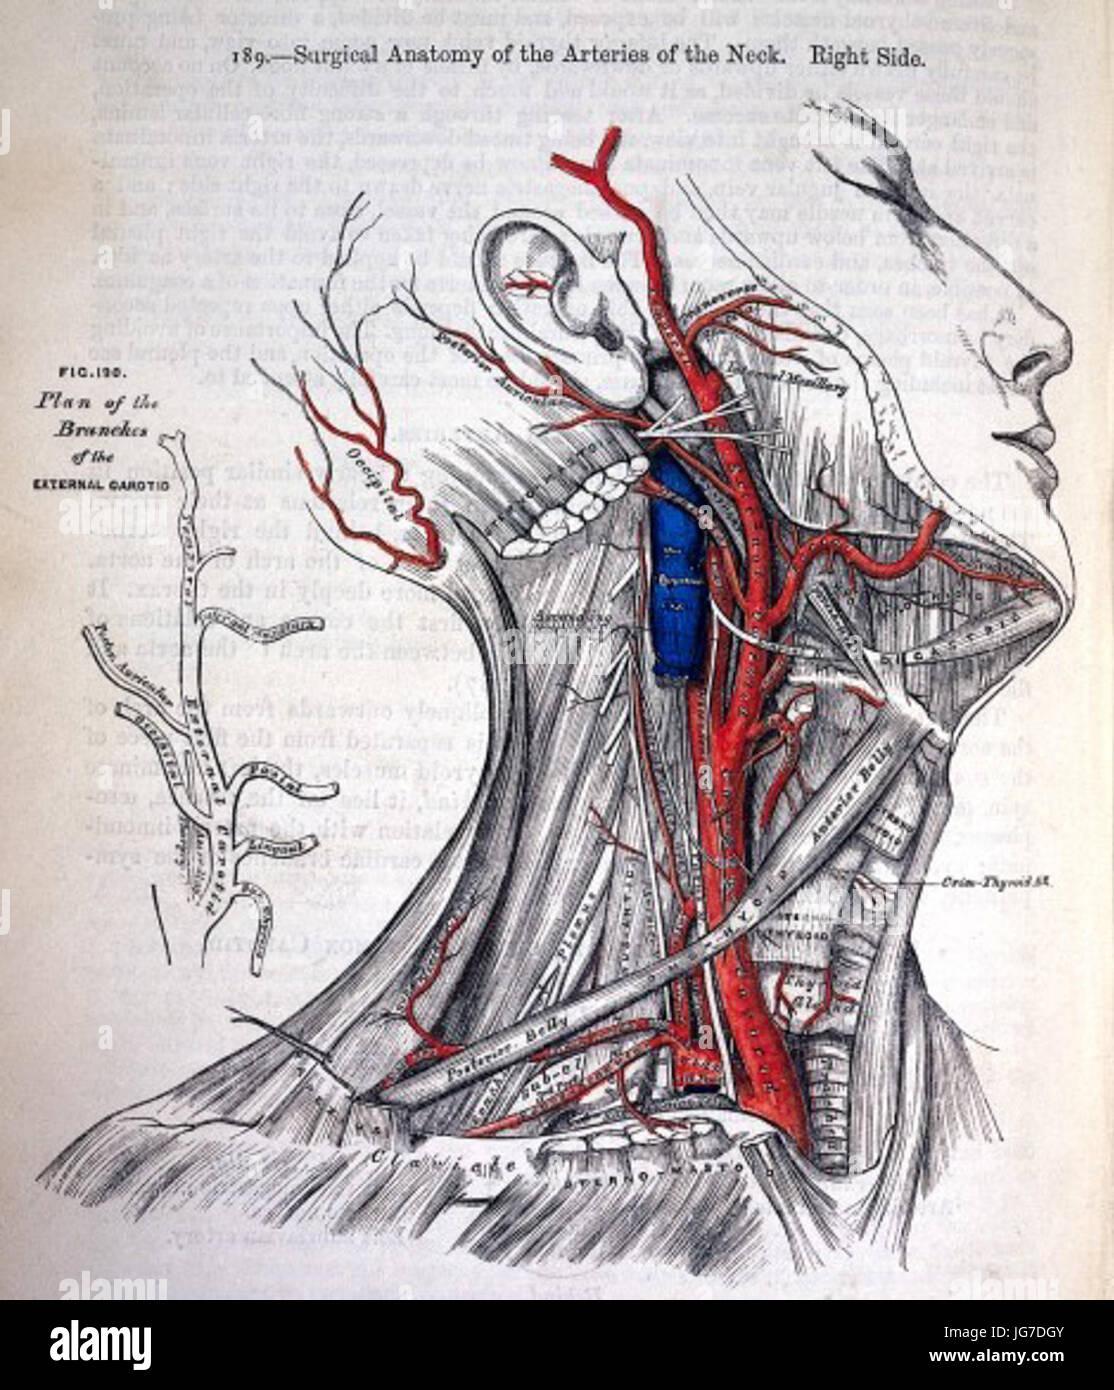 Chirurgische Anatomie der Arterien des Halses grau s Anatomie 1858 ...